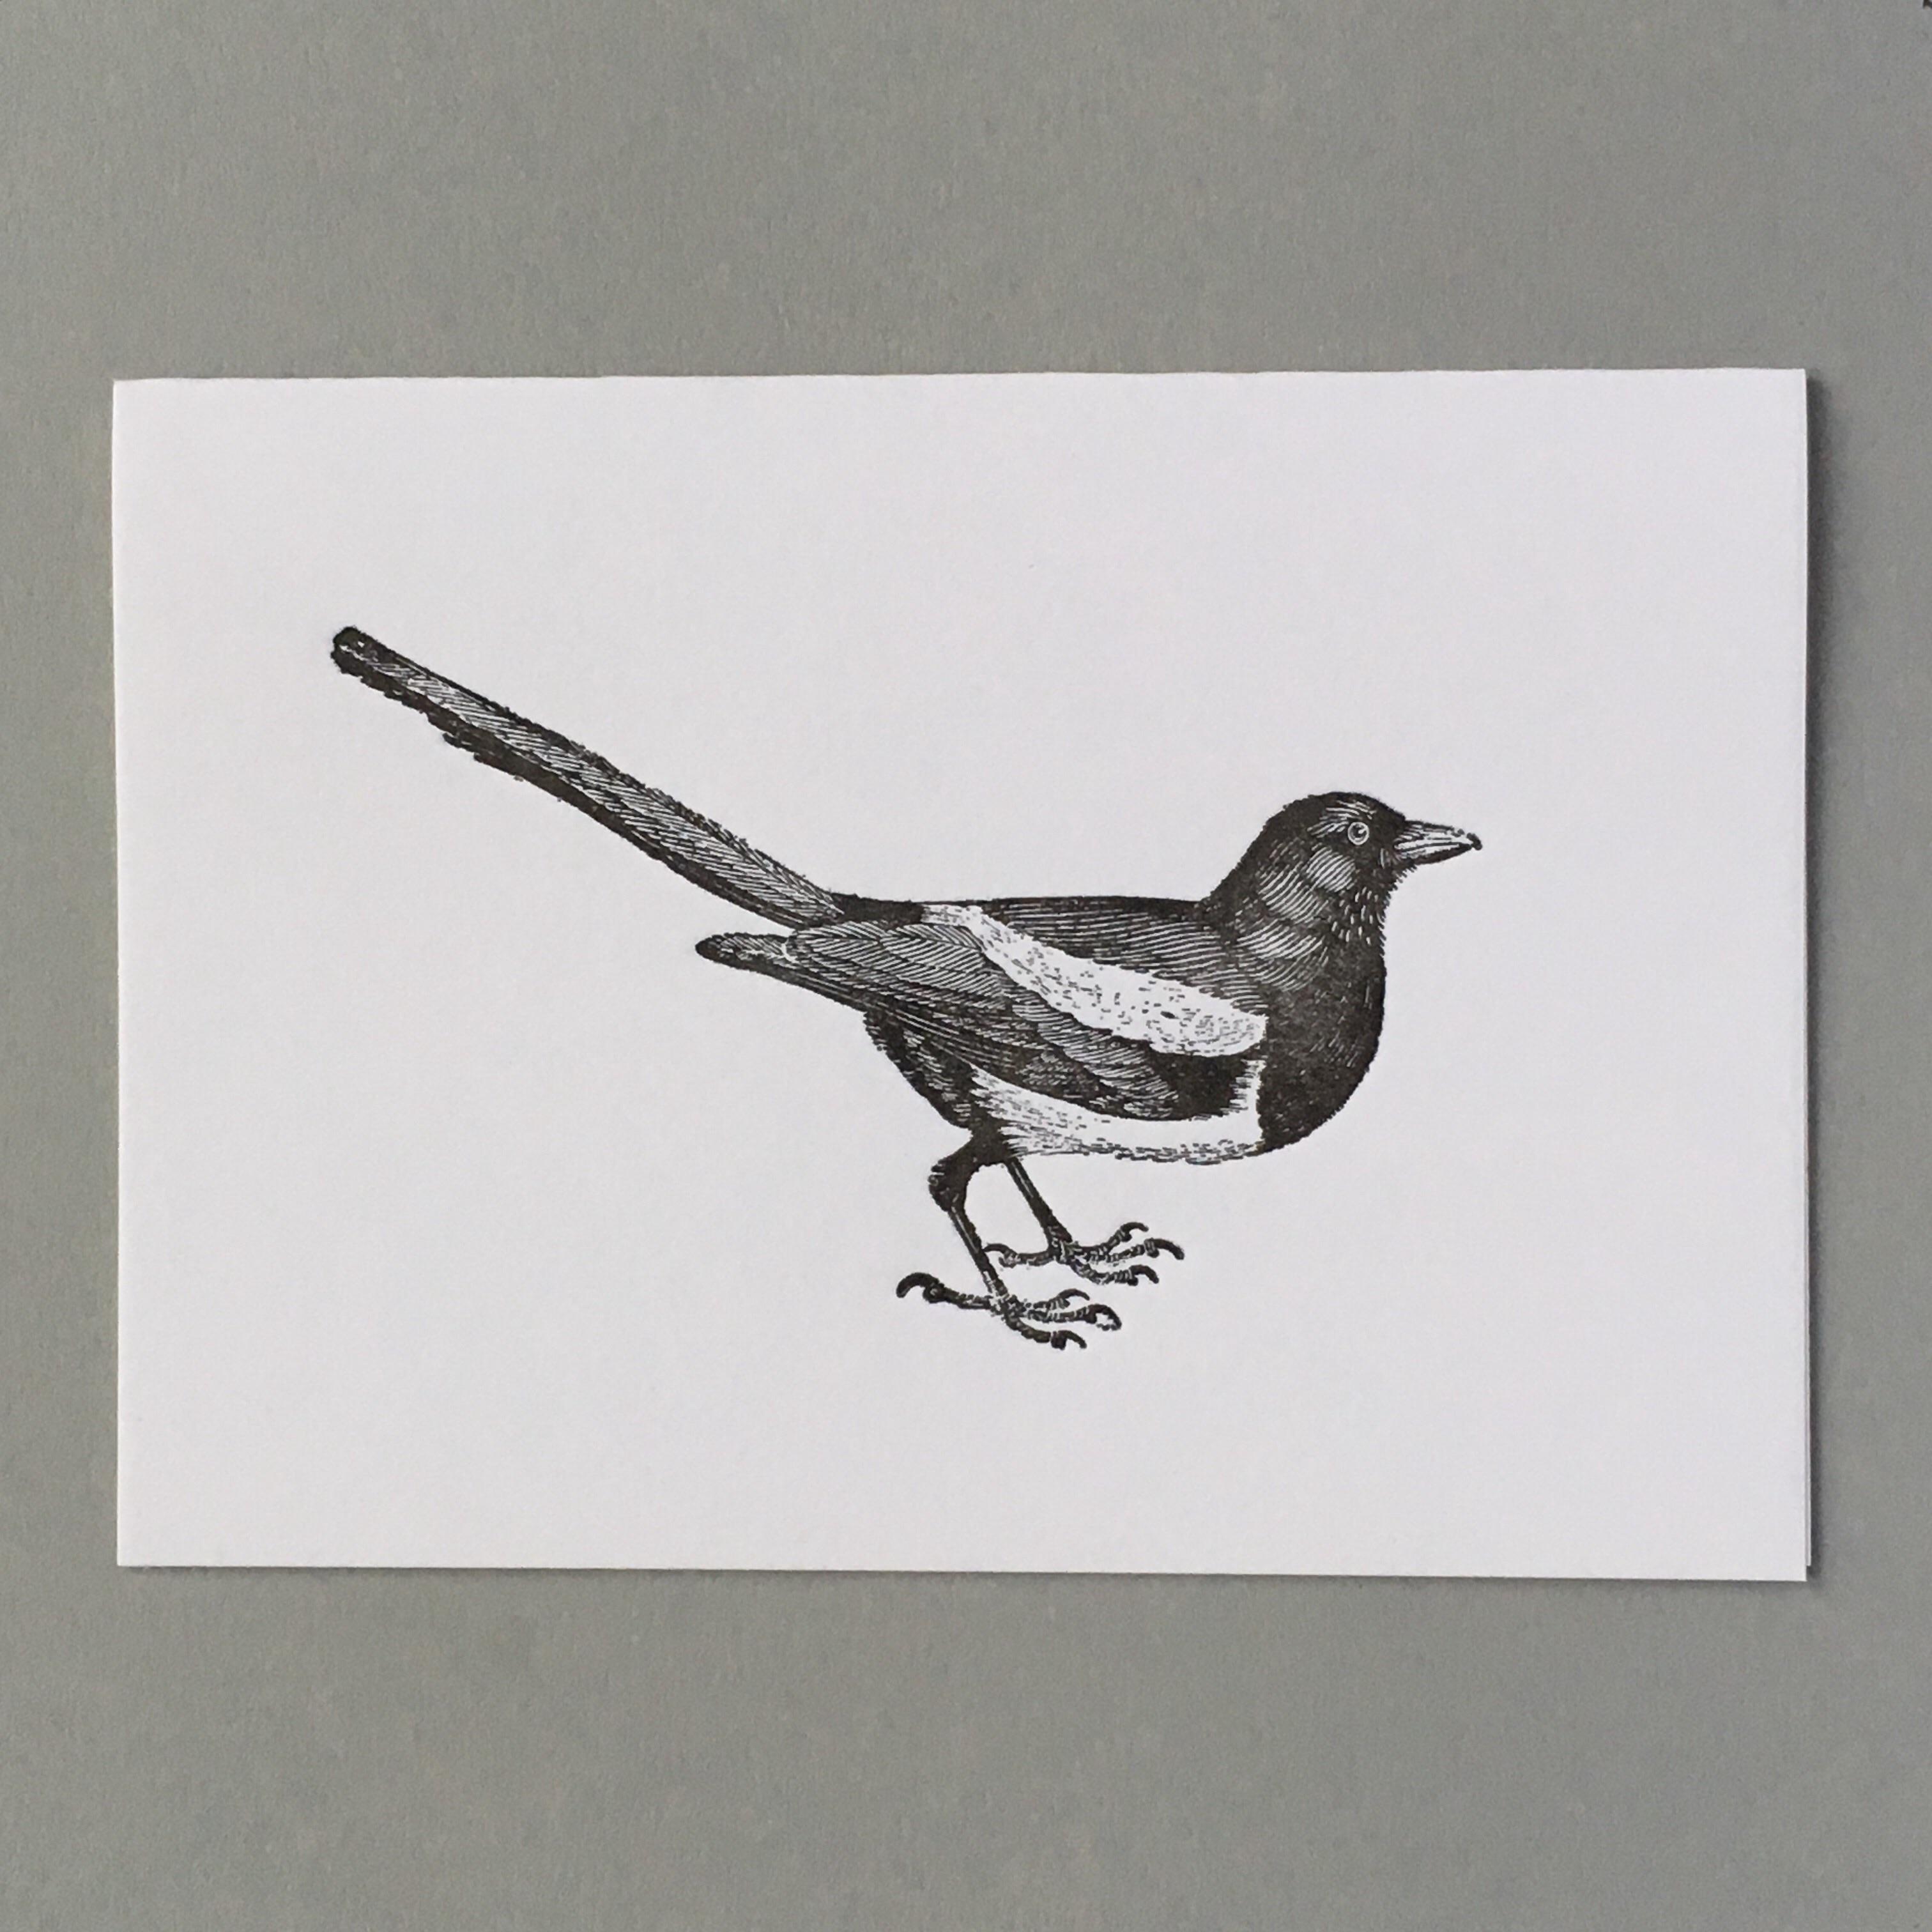 Magpie, corvus pica